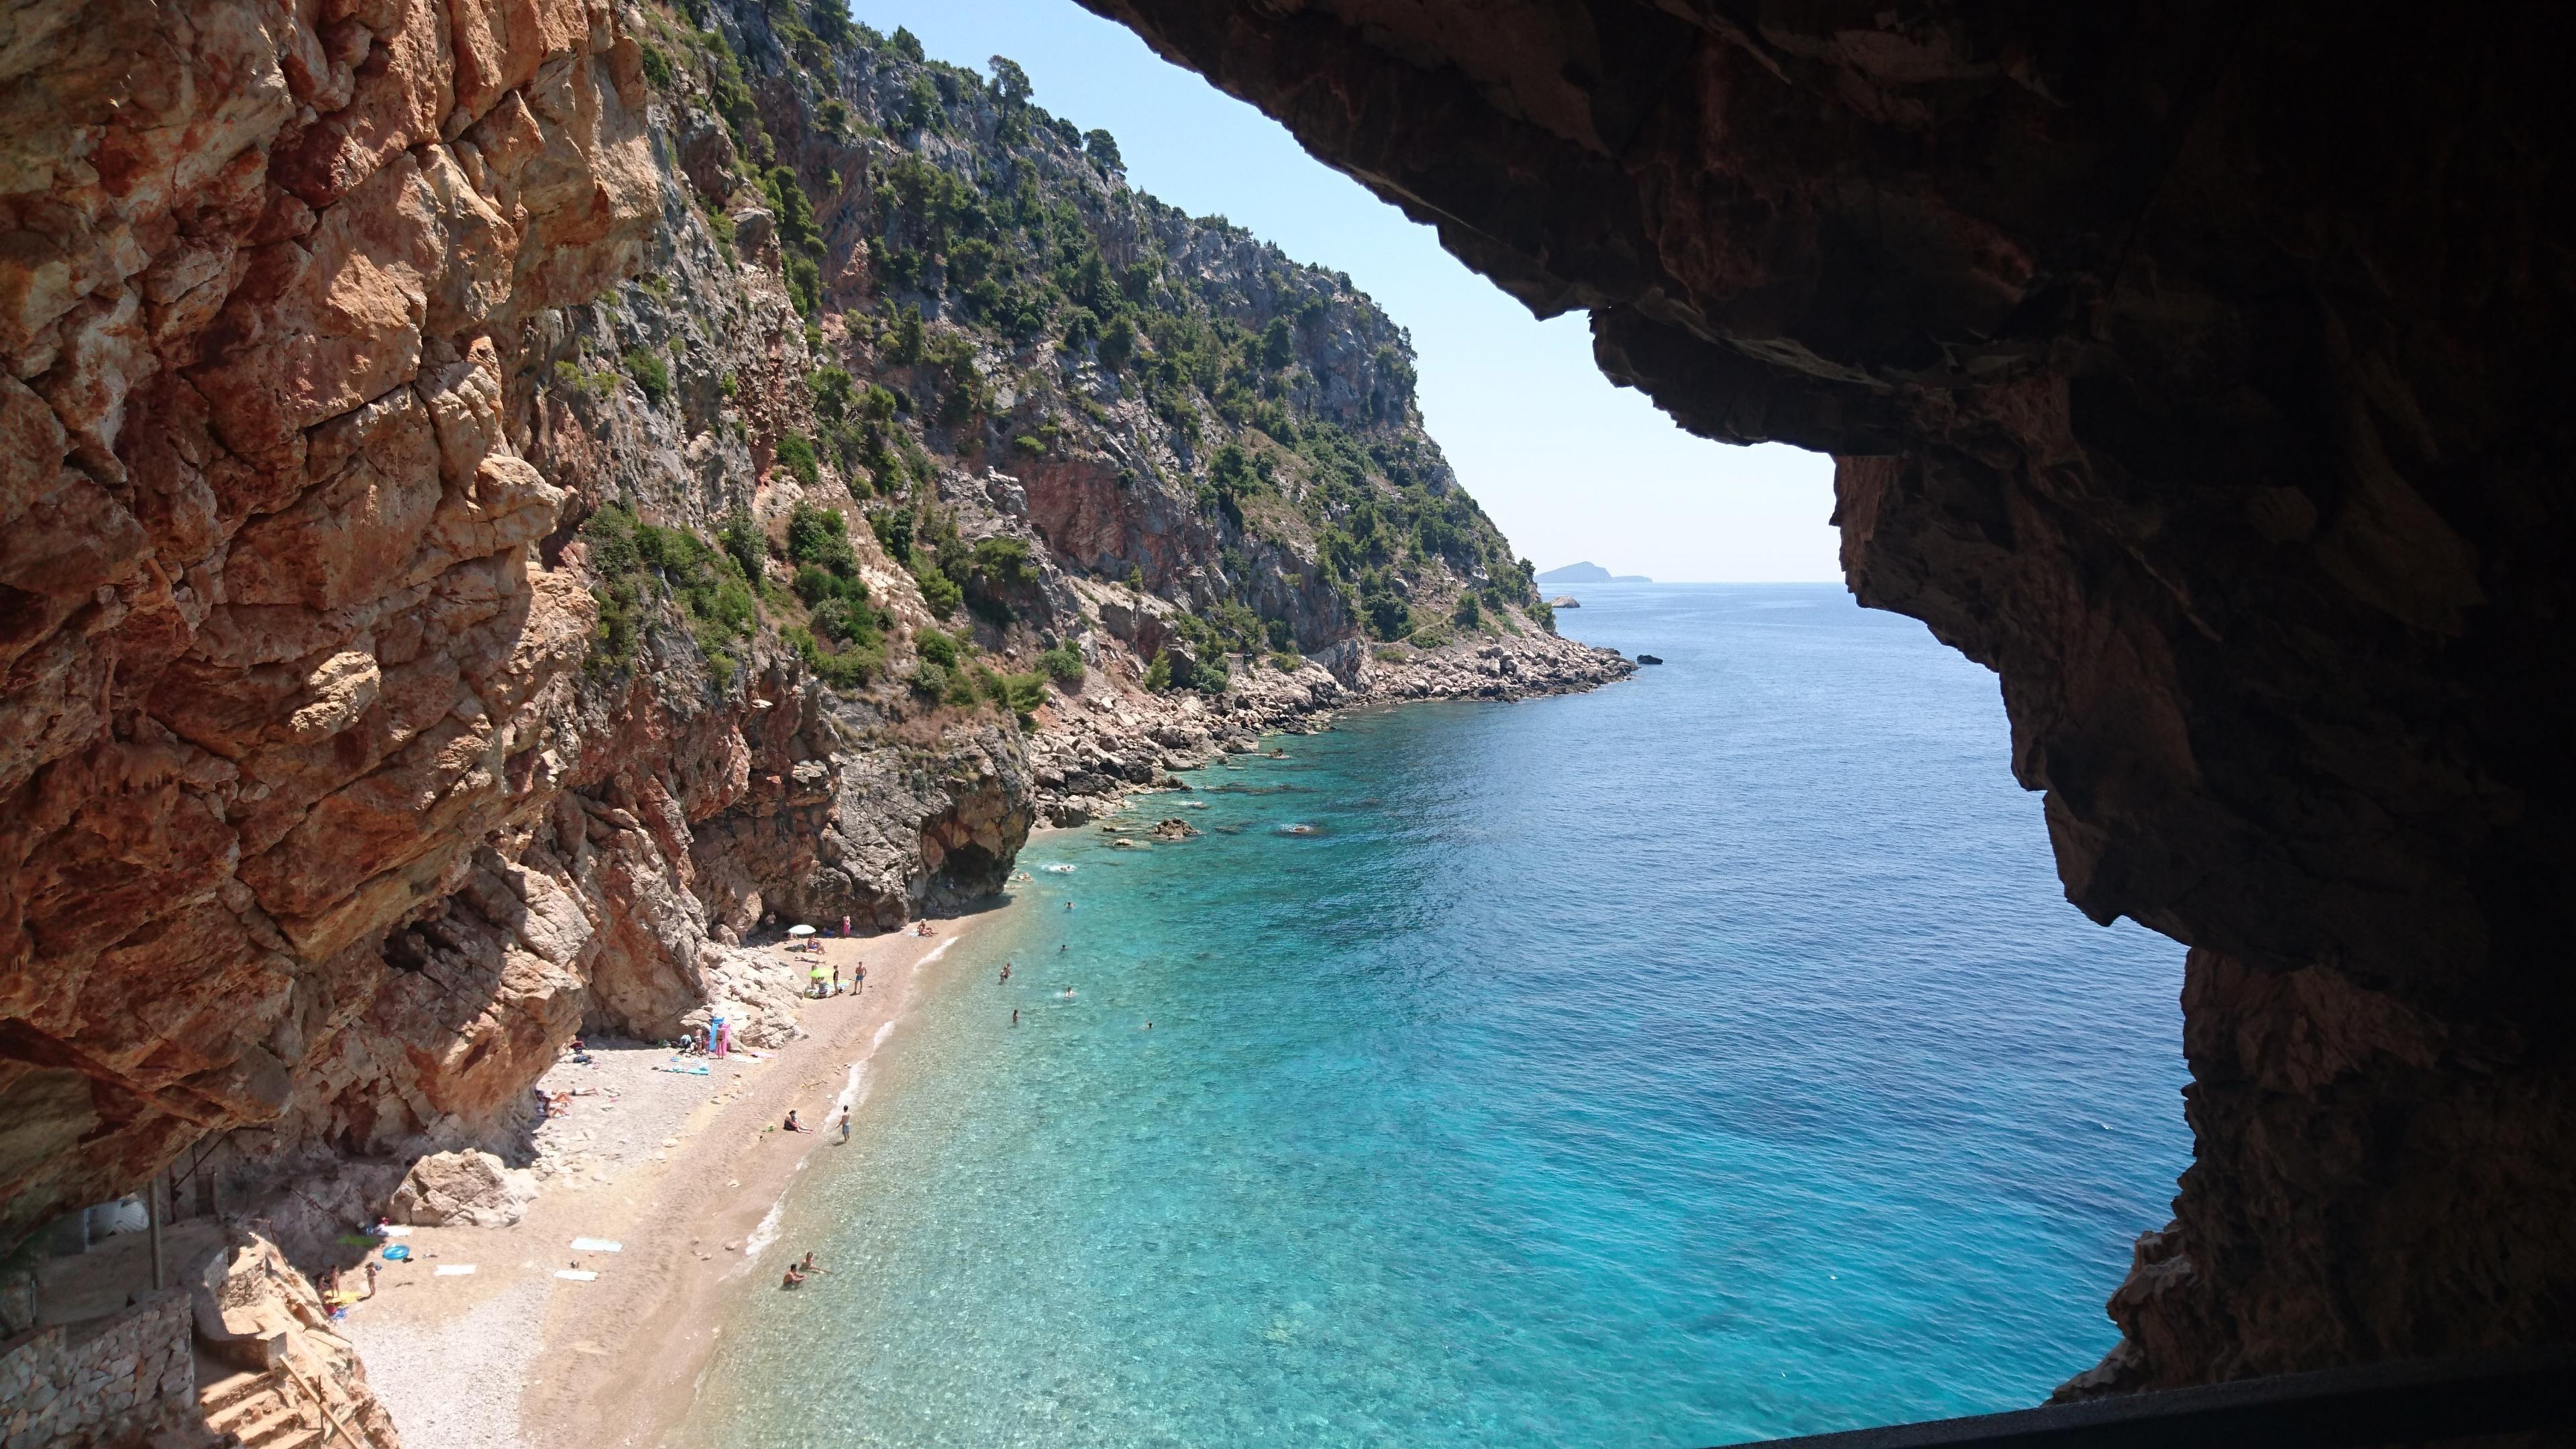 Pasjaca Beach Croatian Paradise [3840X2160] Best